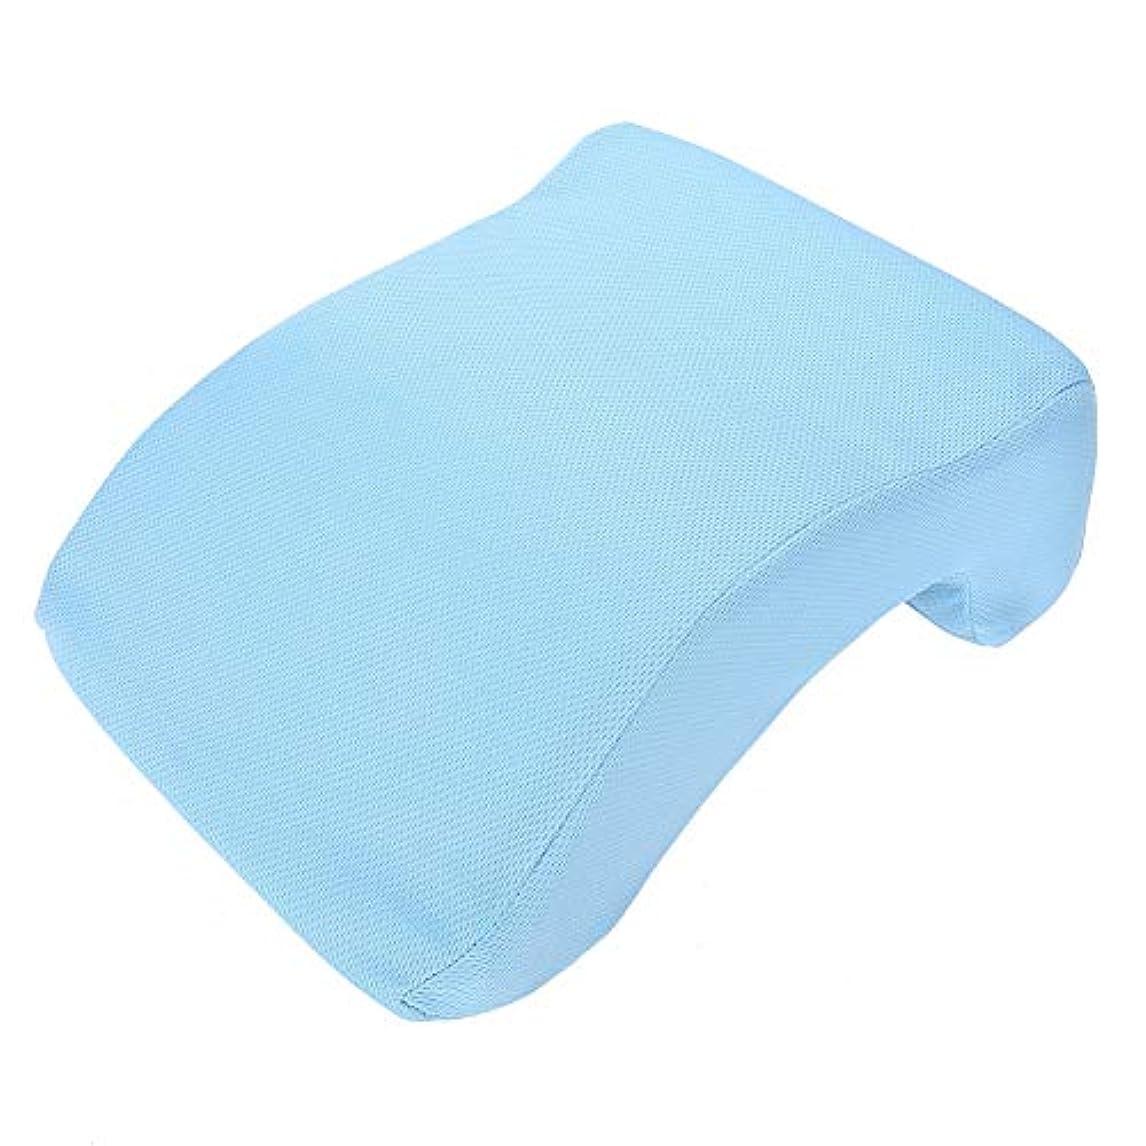 ローラーラップトップ事前低反発まくら ピロー マッサージ枕 首?頭?肩をやさしく支える 安眠枕 快眠グッズ 柔らかい 洗えるやすい